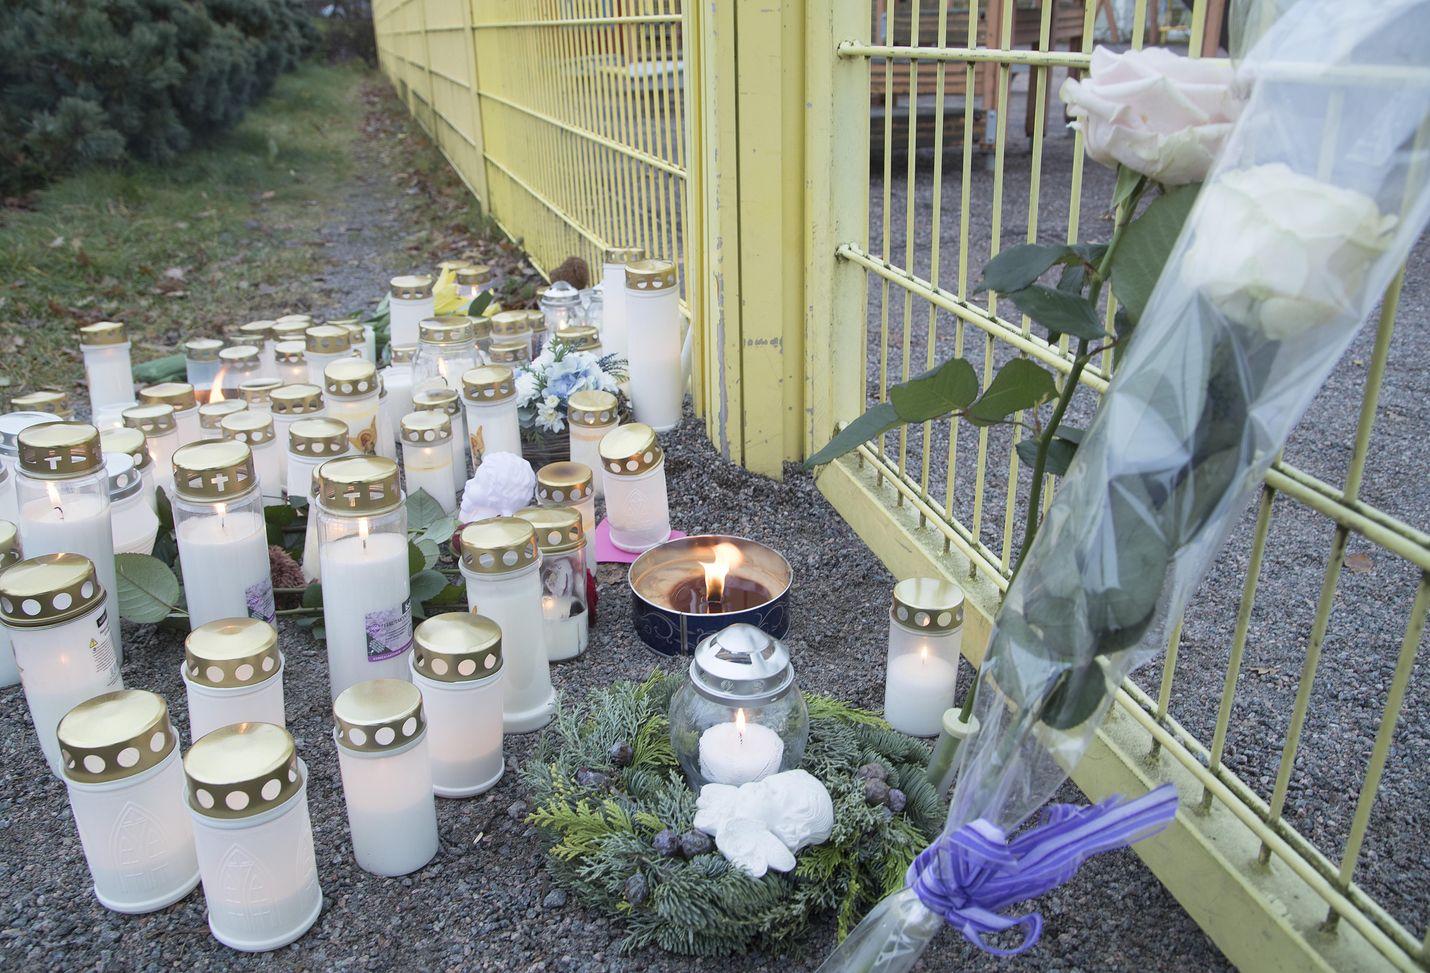 Mies puukotti lapsensa porvoolaisessa puistossa marraskuussa 2017. Tapahtumalla oli useita silminnäkijöitä, muun muassa lapsen äiti. Hovioikeus tuomitsi miehen murhasta.